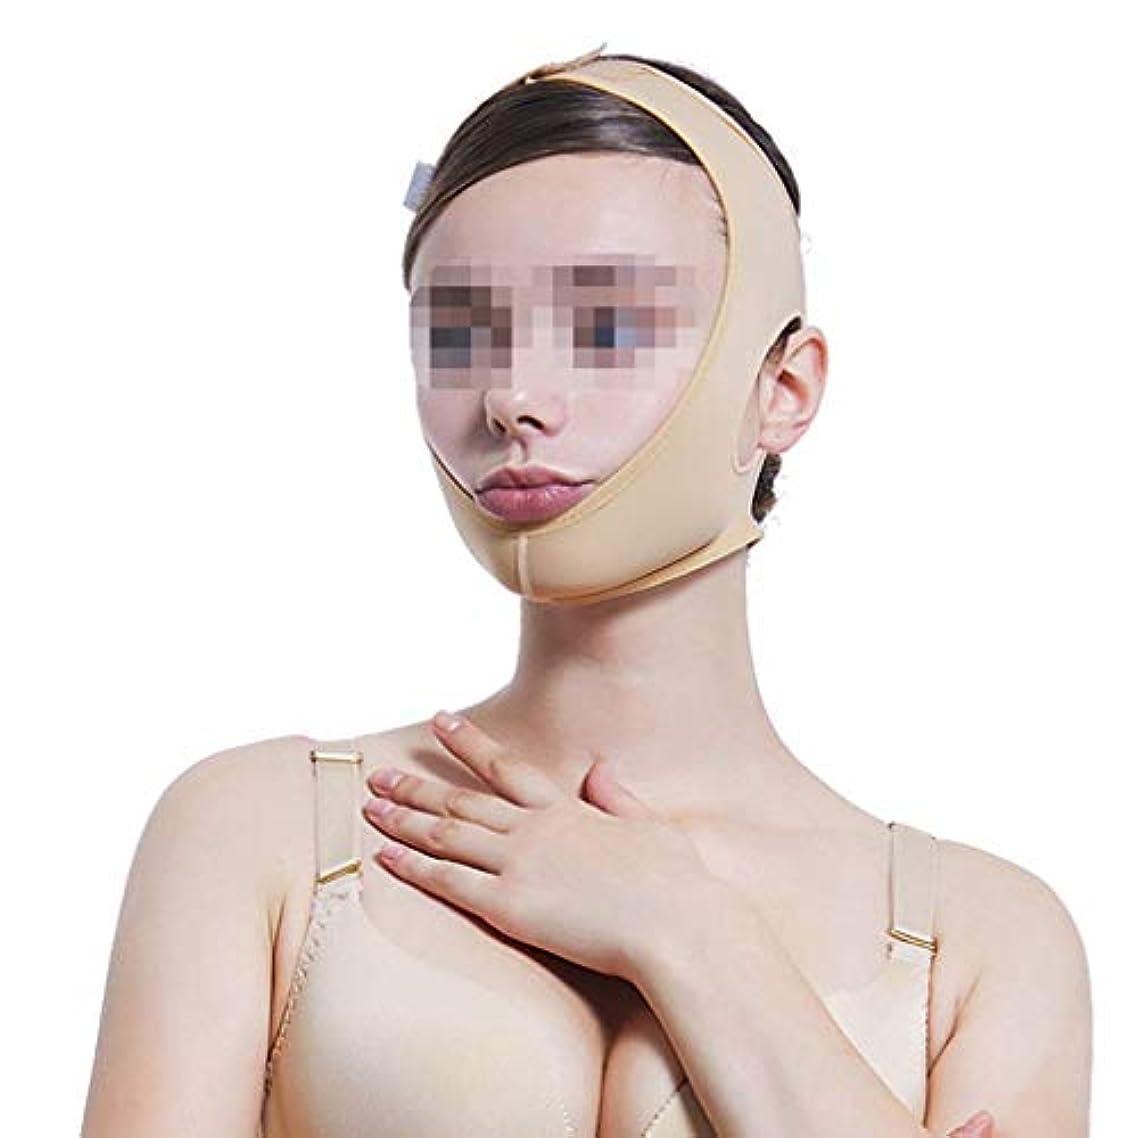 猟犬外交問題心理的ビームフェイス弾性ヘッドギア、ダブルあごのあごのセットをマスクの後に線彫り薄いフェイス包帯マルチサイズオプション(サイズ:XS),XXL